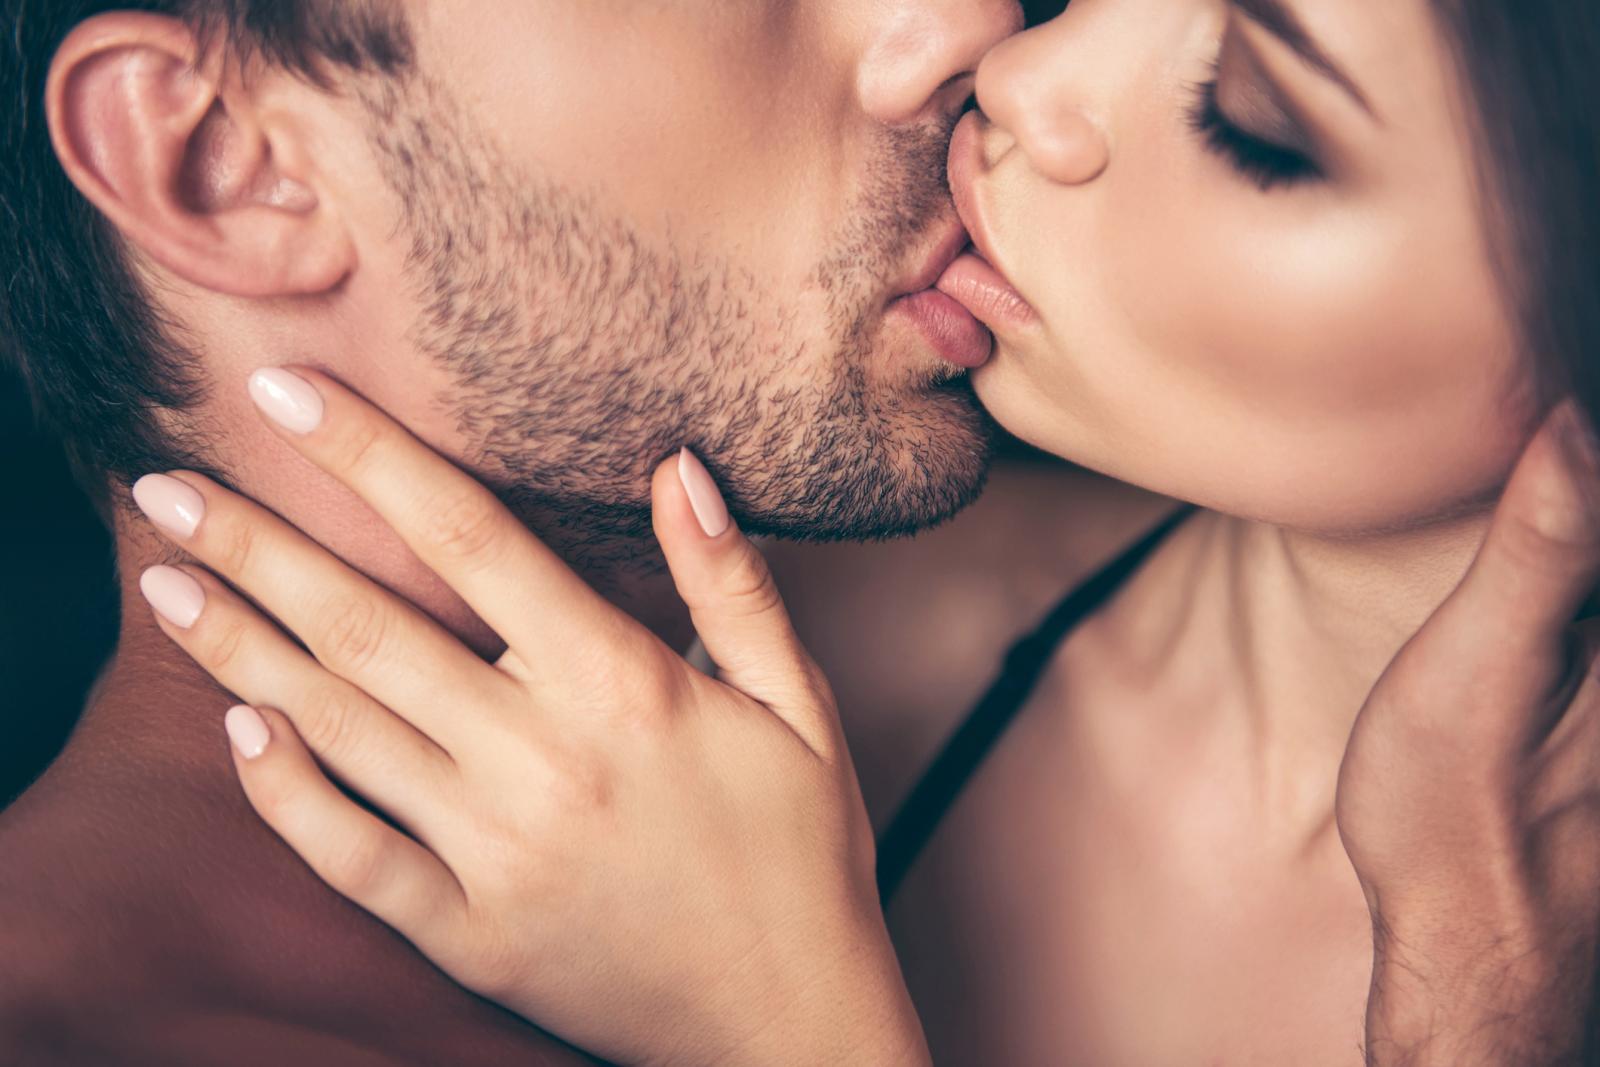 Krissi kiss